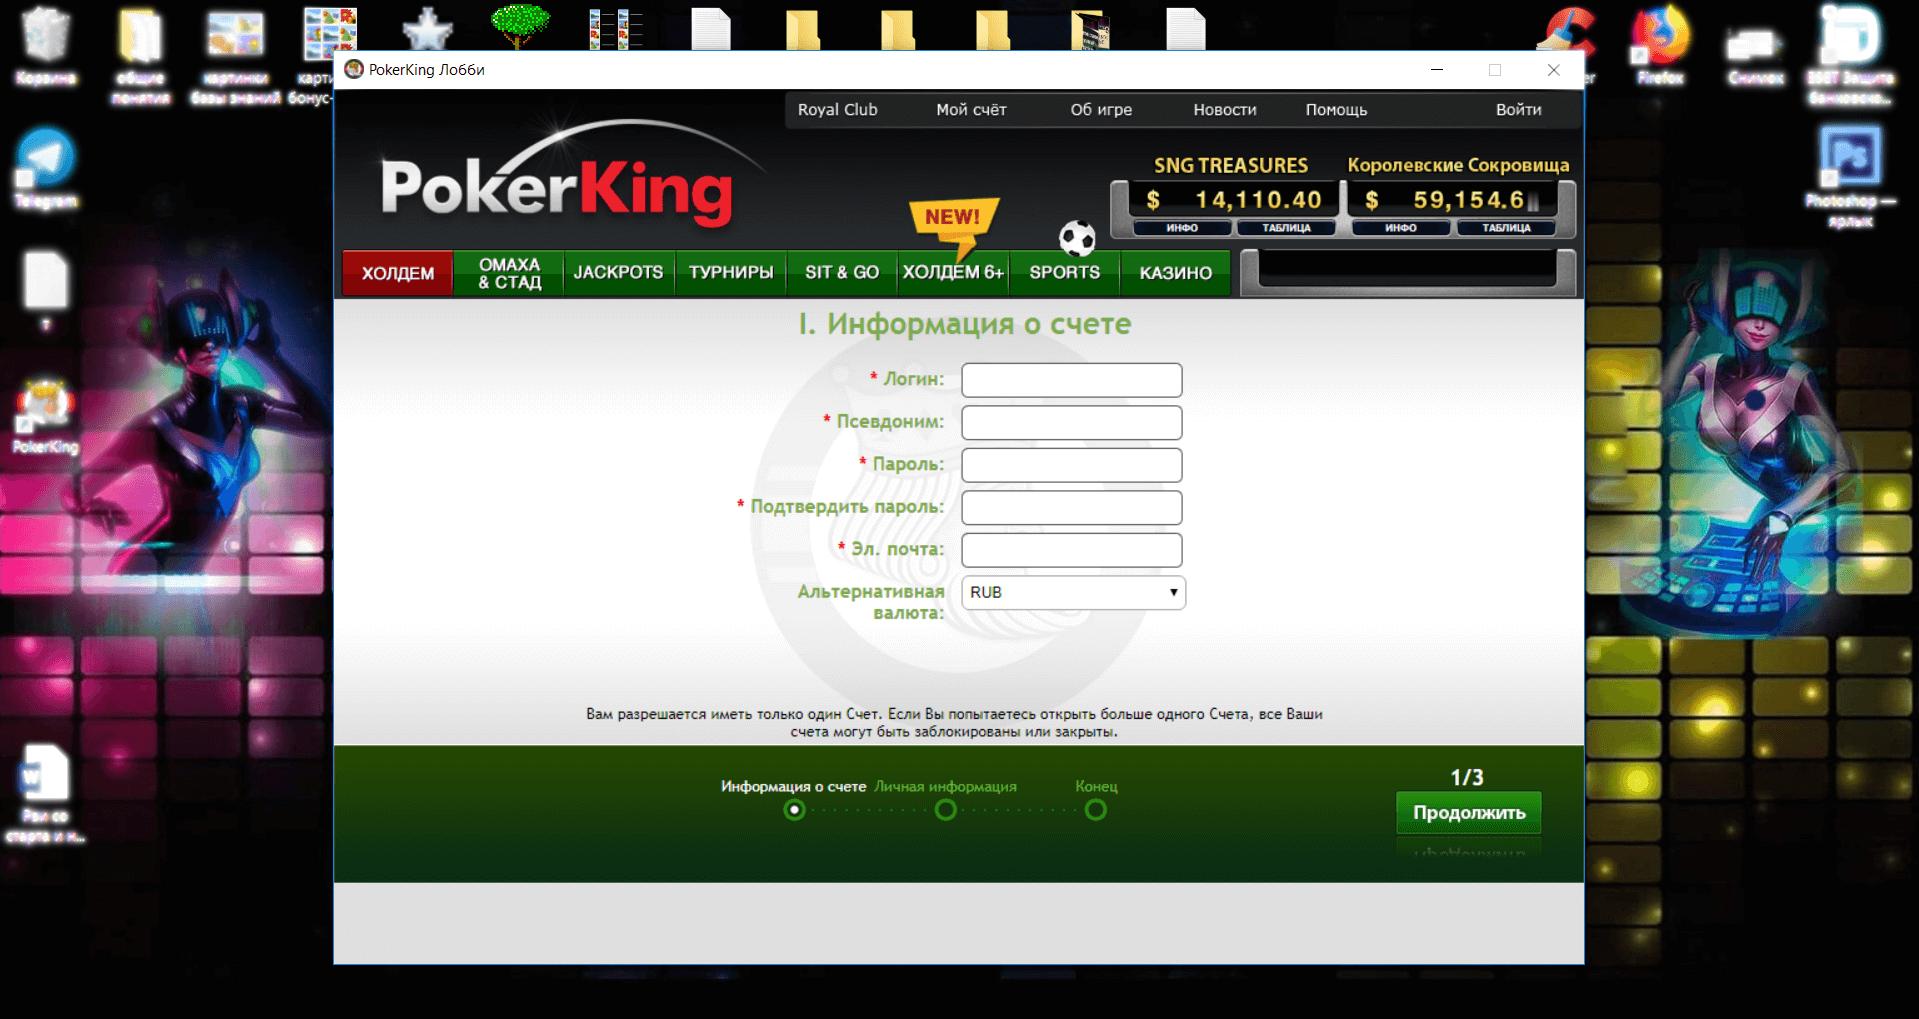 покер кинг регистрация официальный сайт